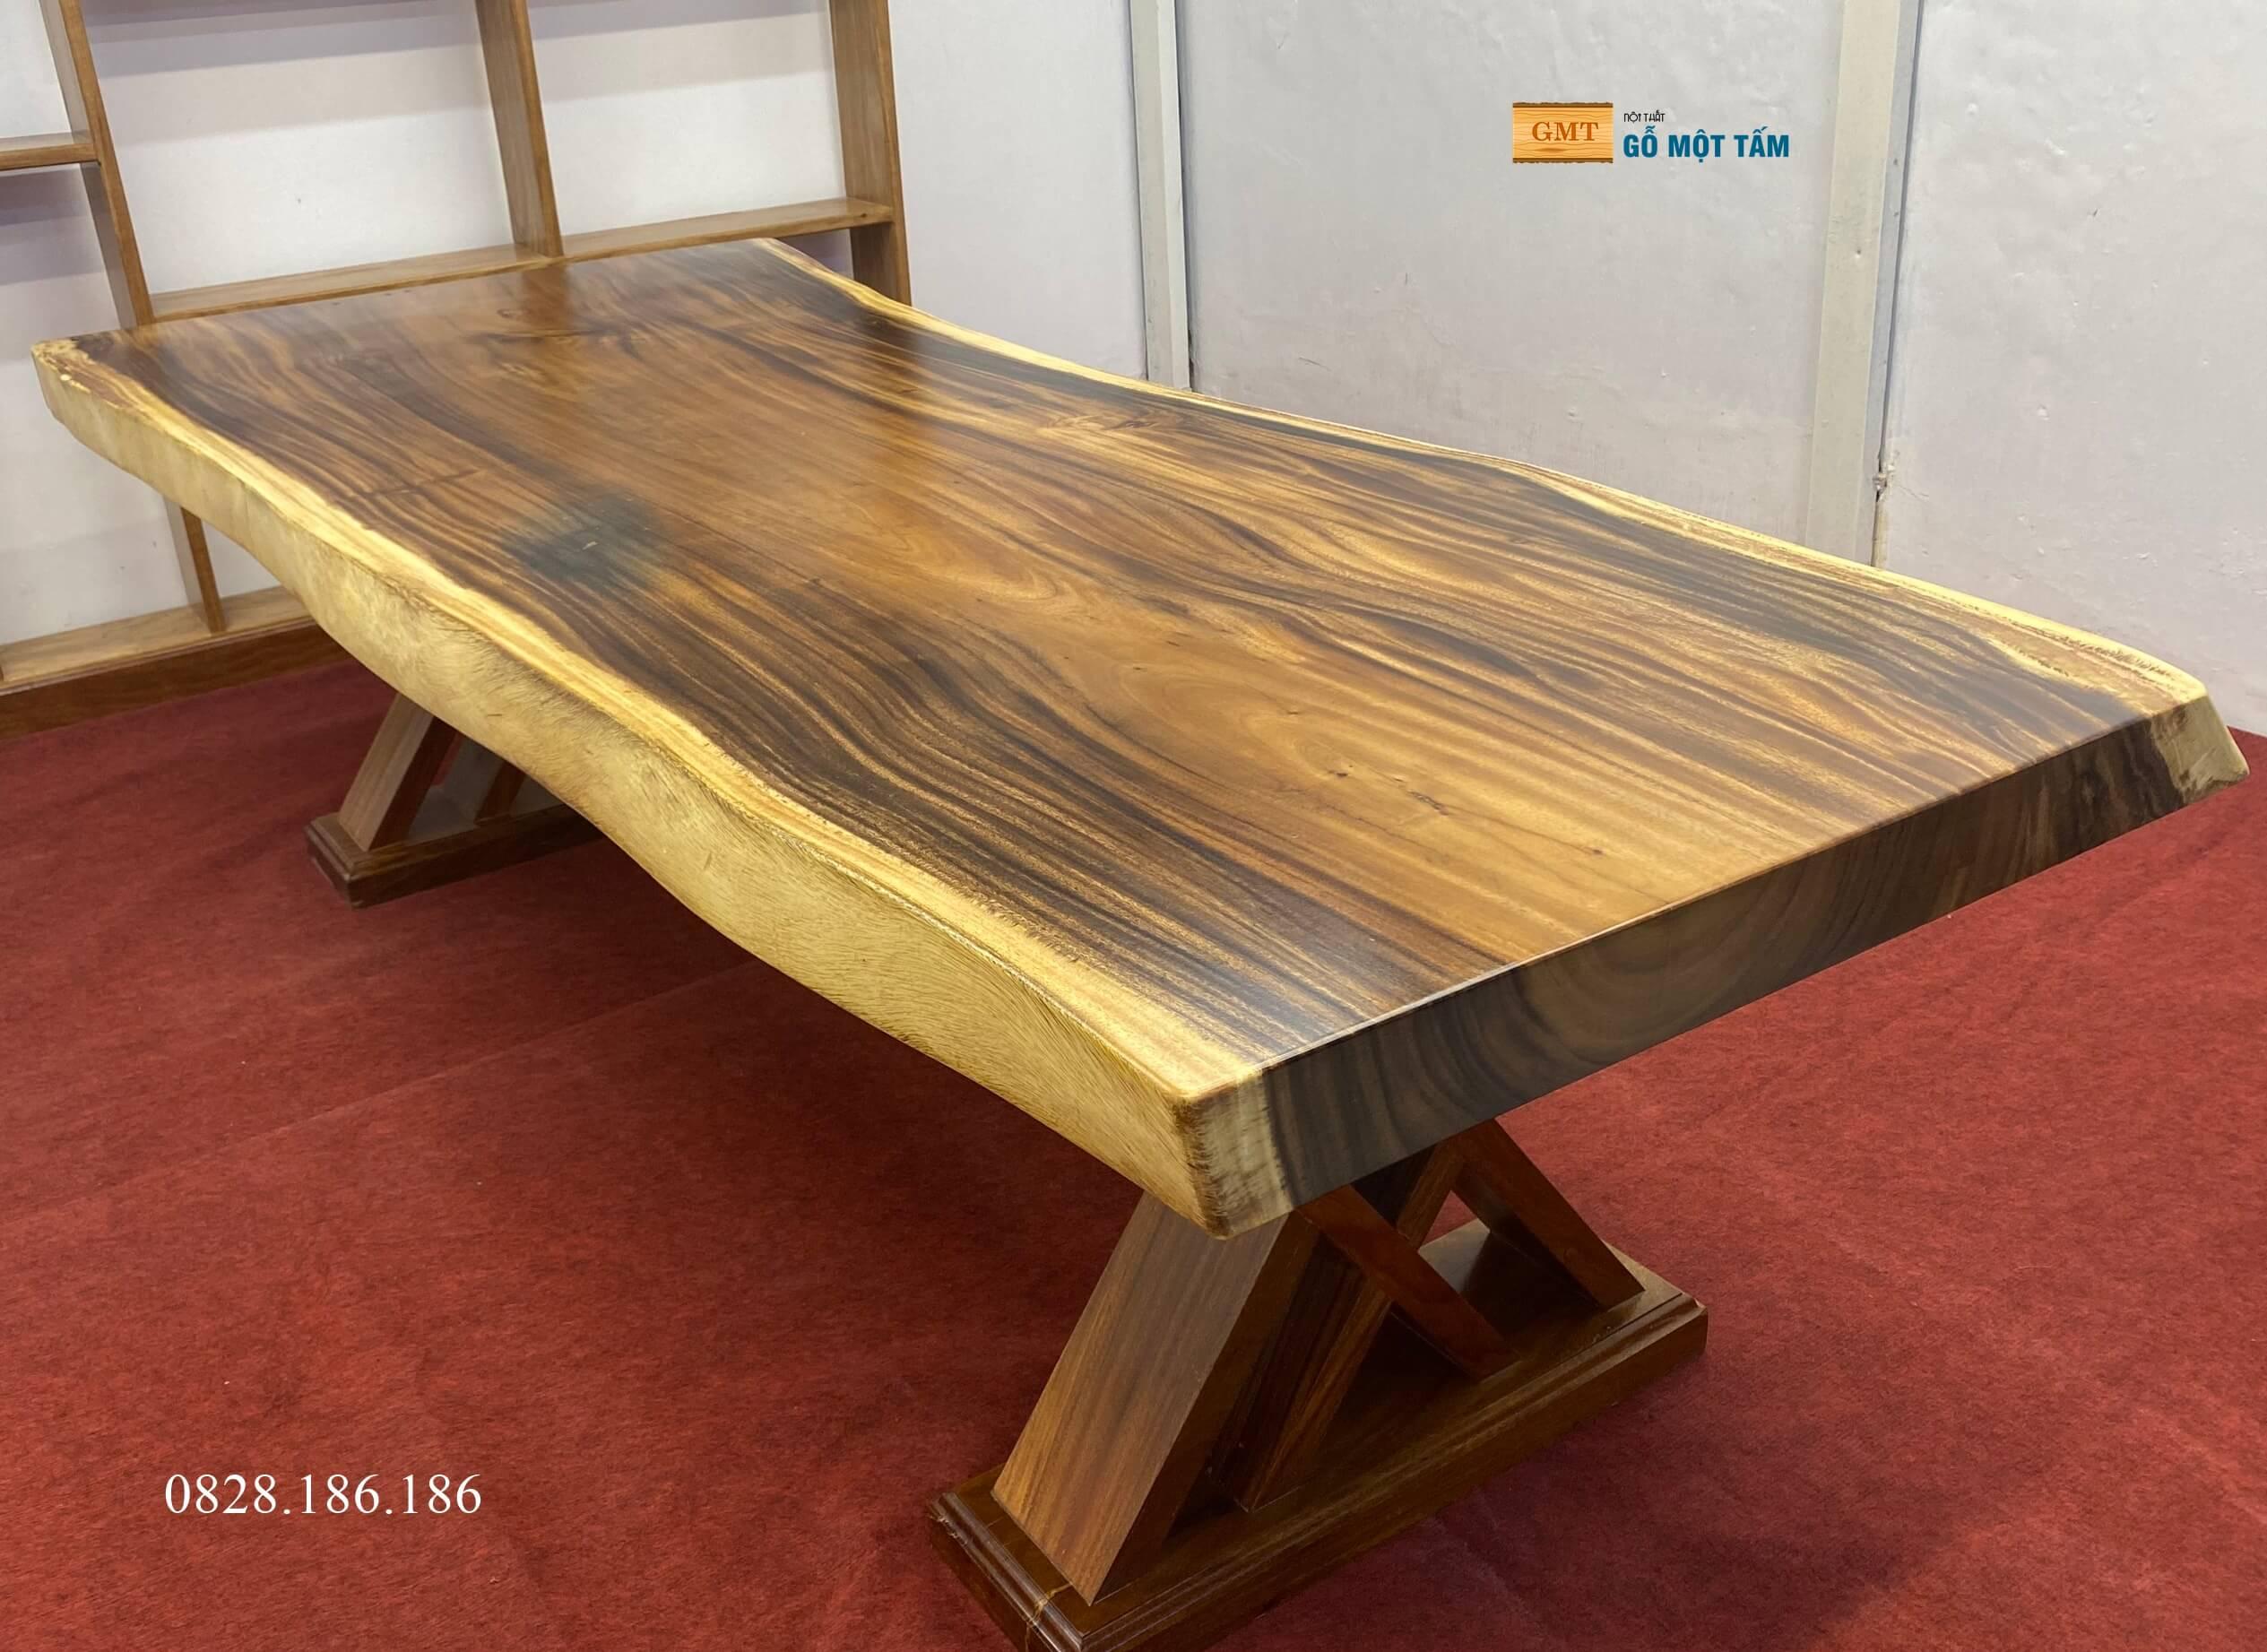 bàn gỗ me tây nguyên khối hcm